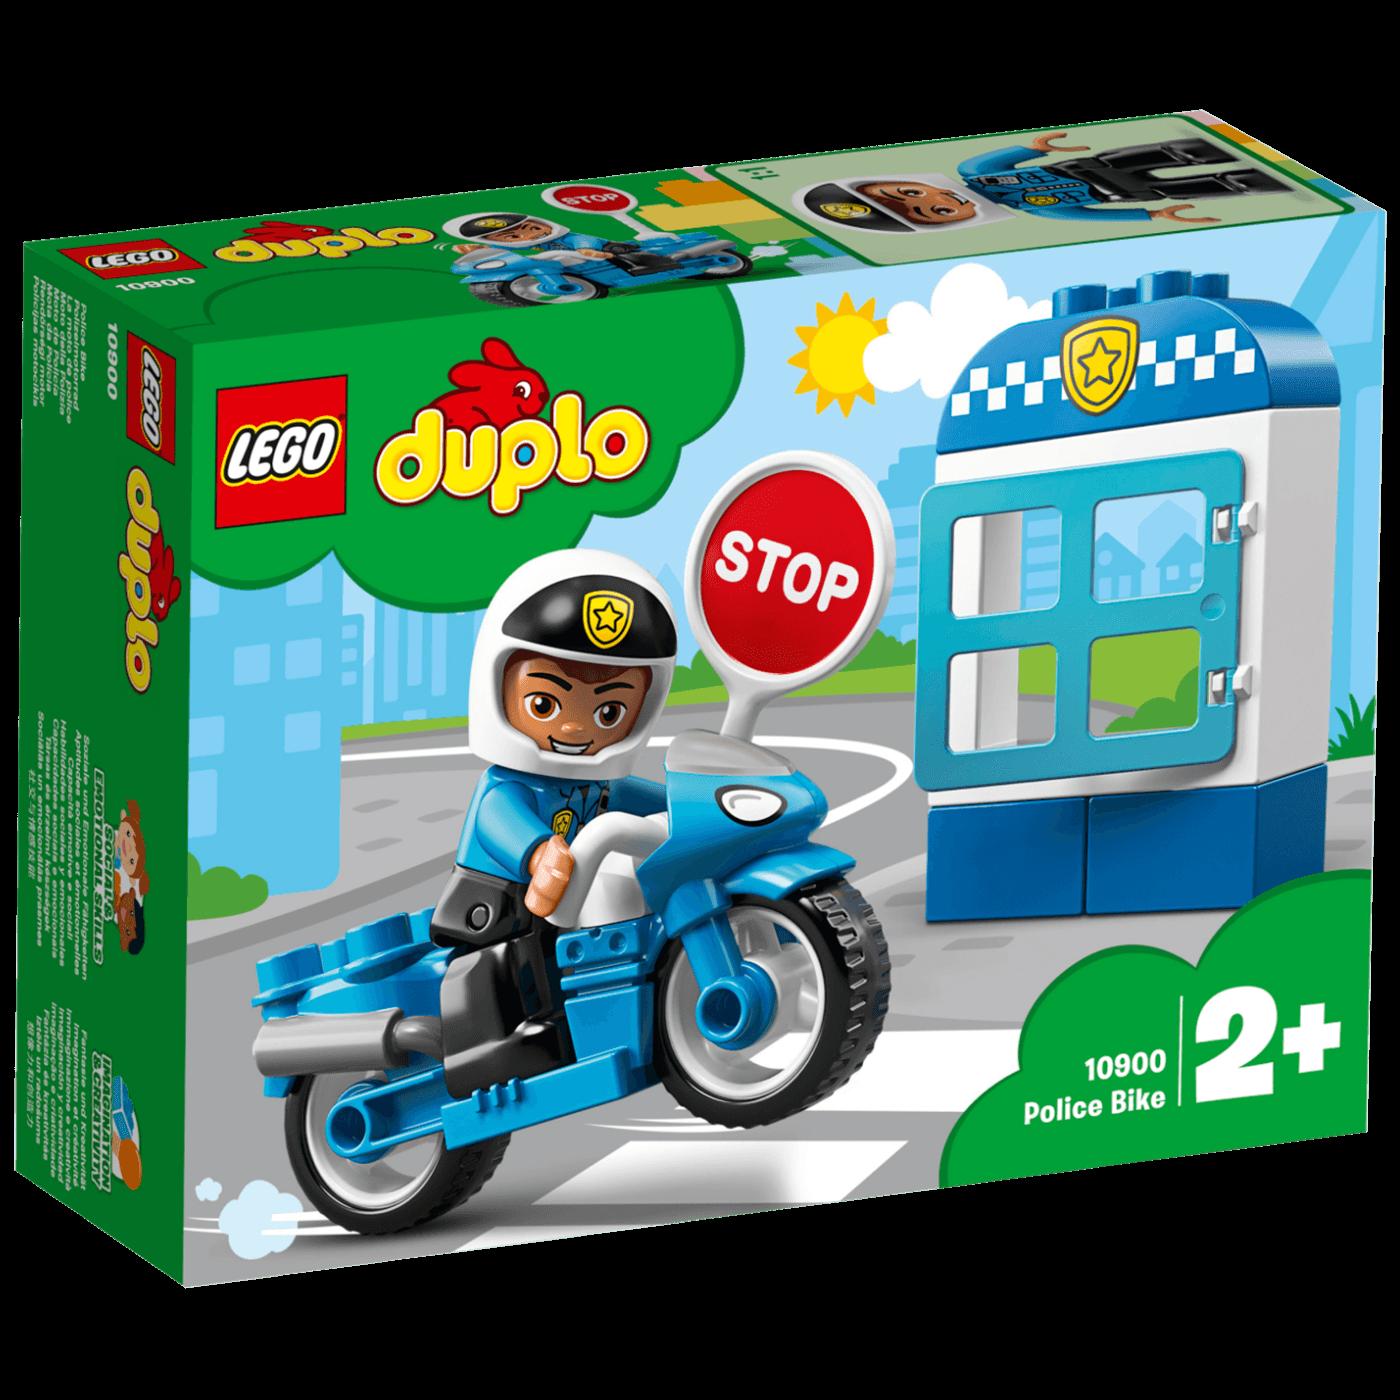 Policijski motocikl, LEGO DUplo